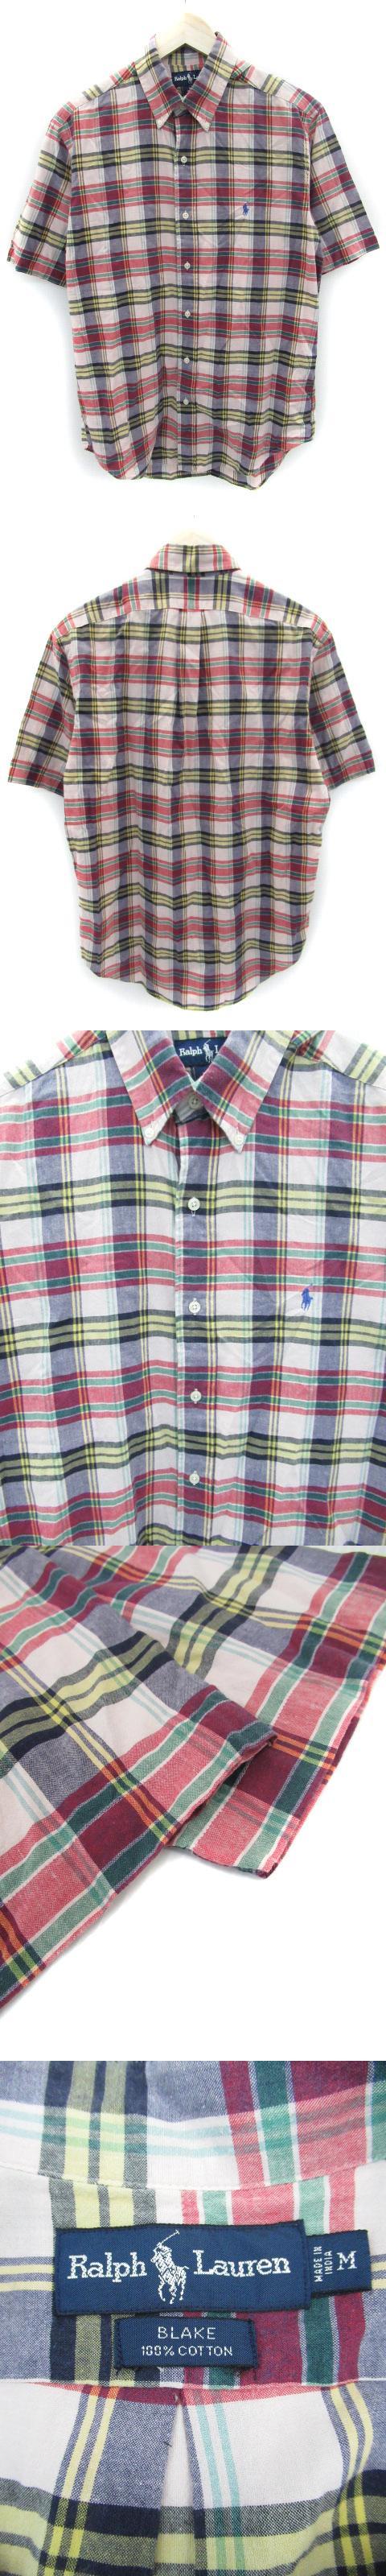 シャツ カジュアル 五分袖 ボタンダウン チェック柄 マルチカラー M ピンク 紺 ネイビー /FF25